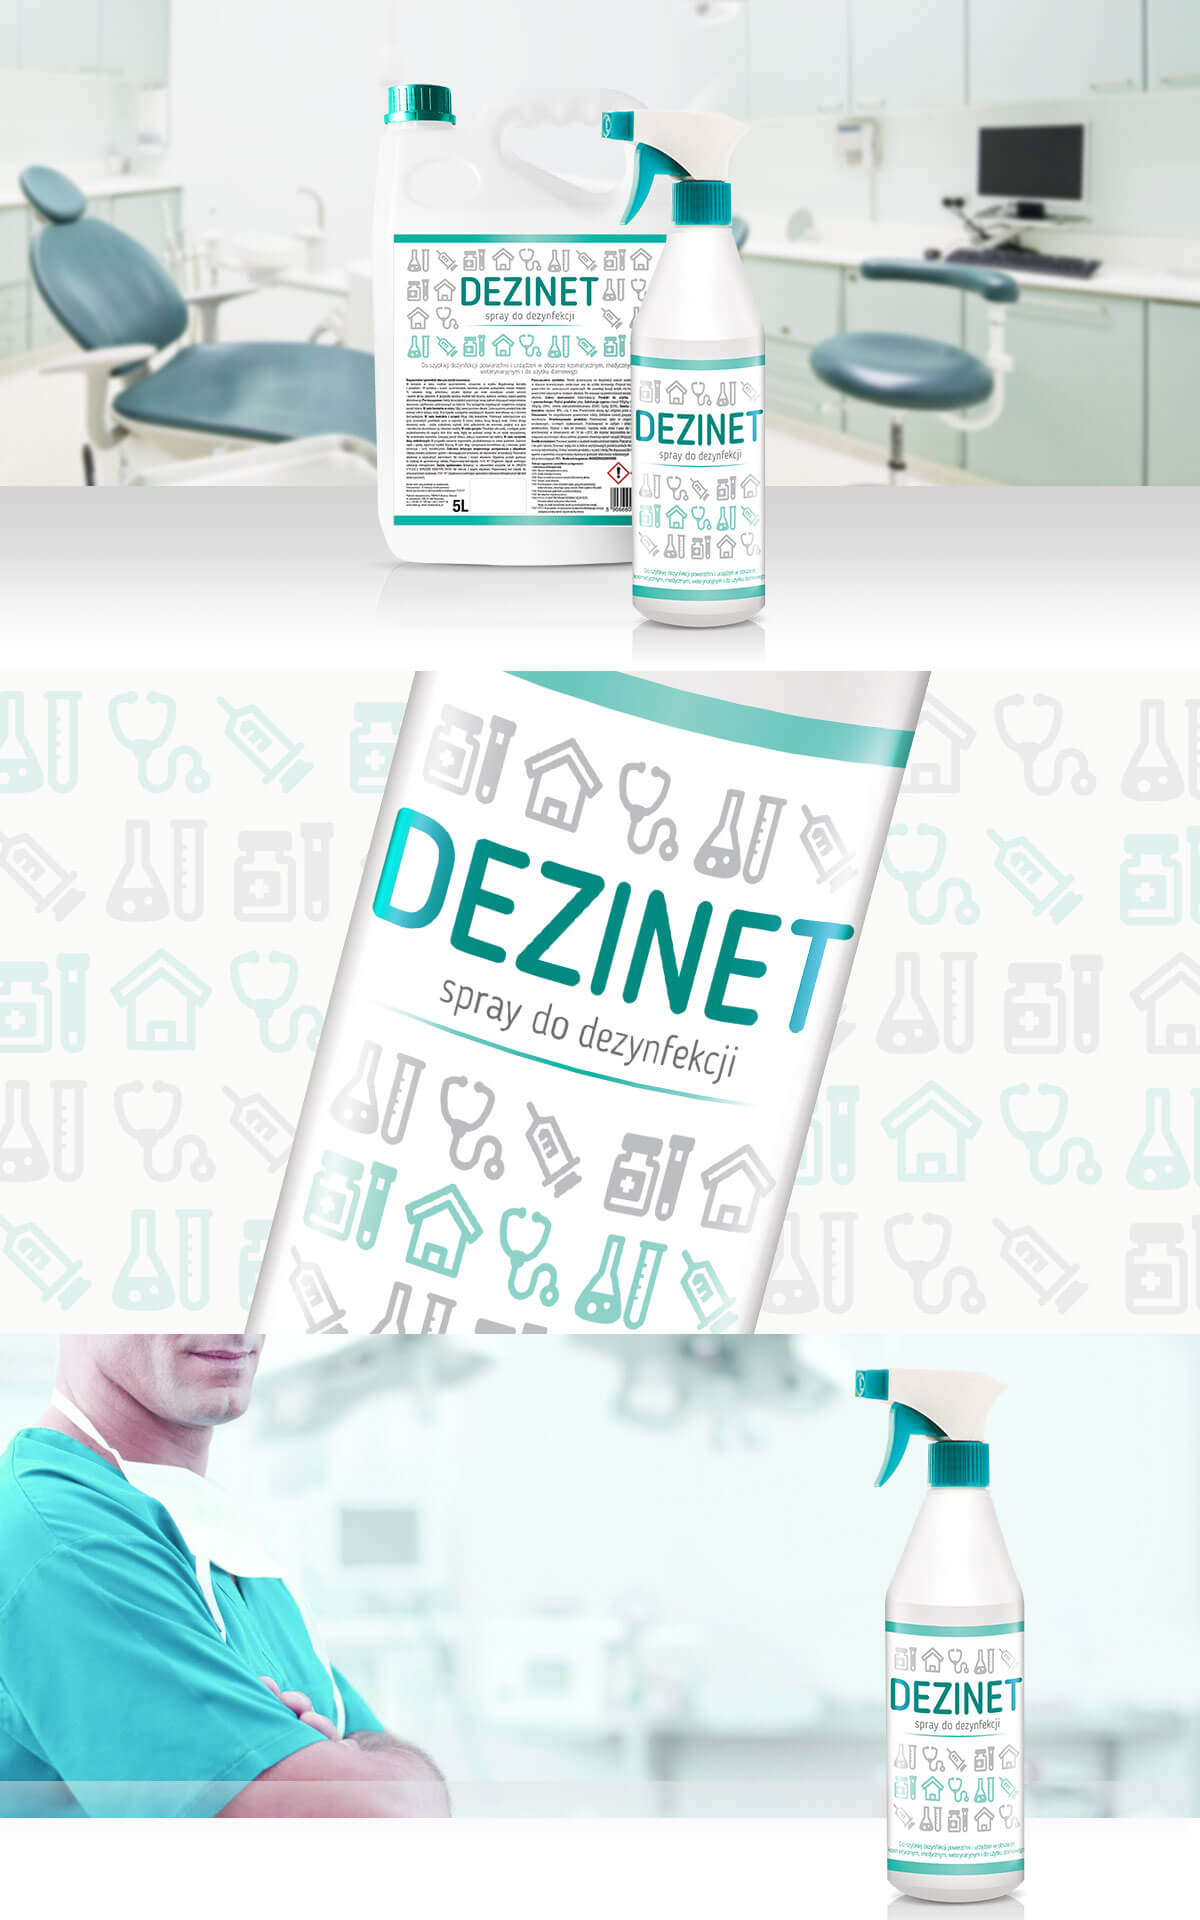 projekt etykiety na środki chemiczne